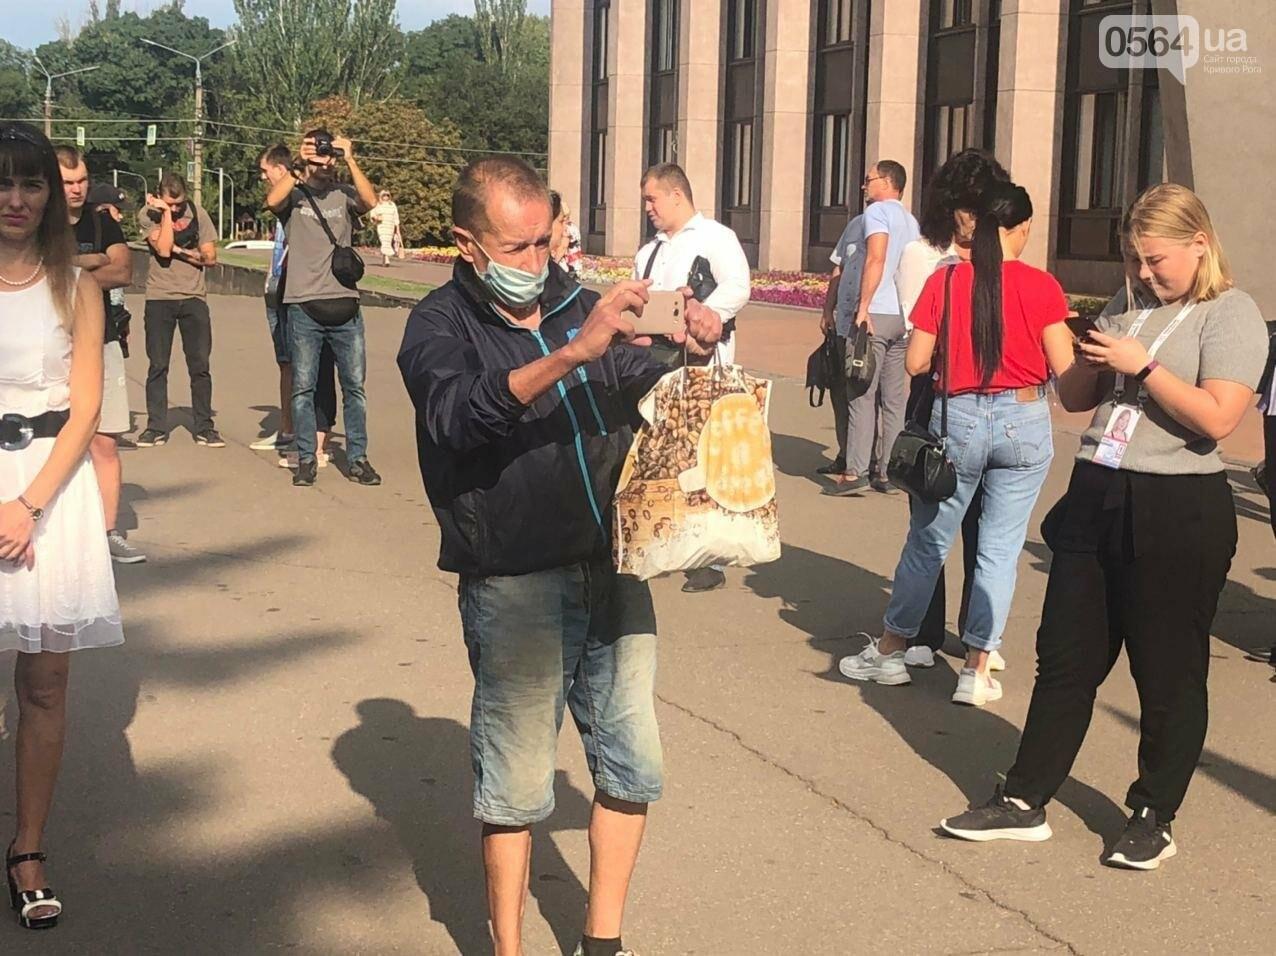 Криворожские предприниматели снова вышли на акцию, - ФОТО, фото-3